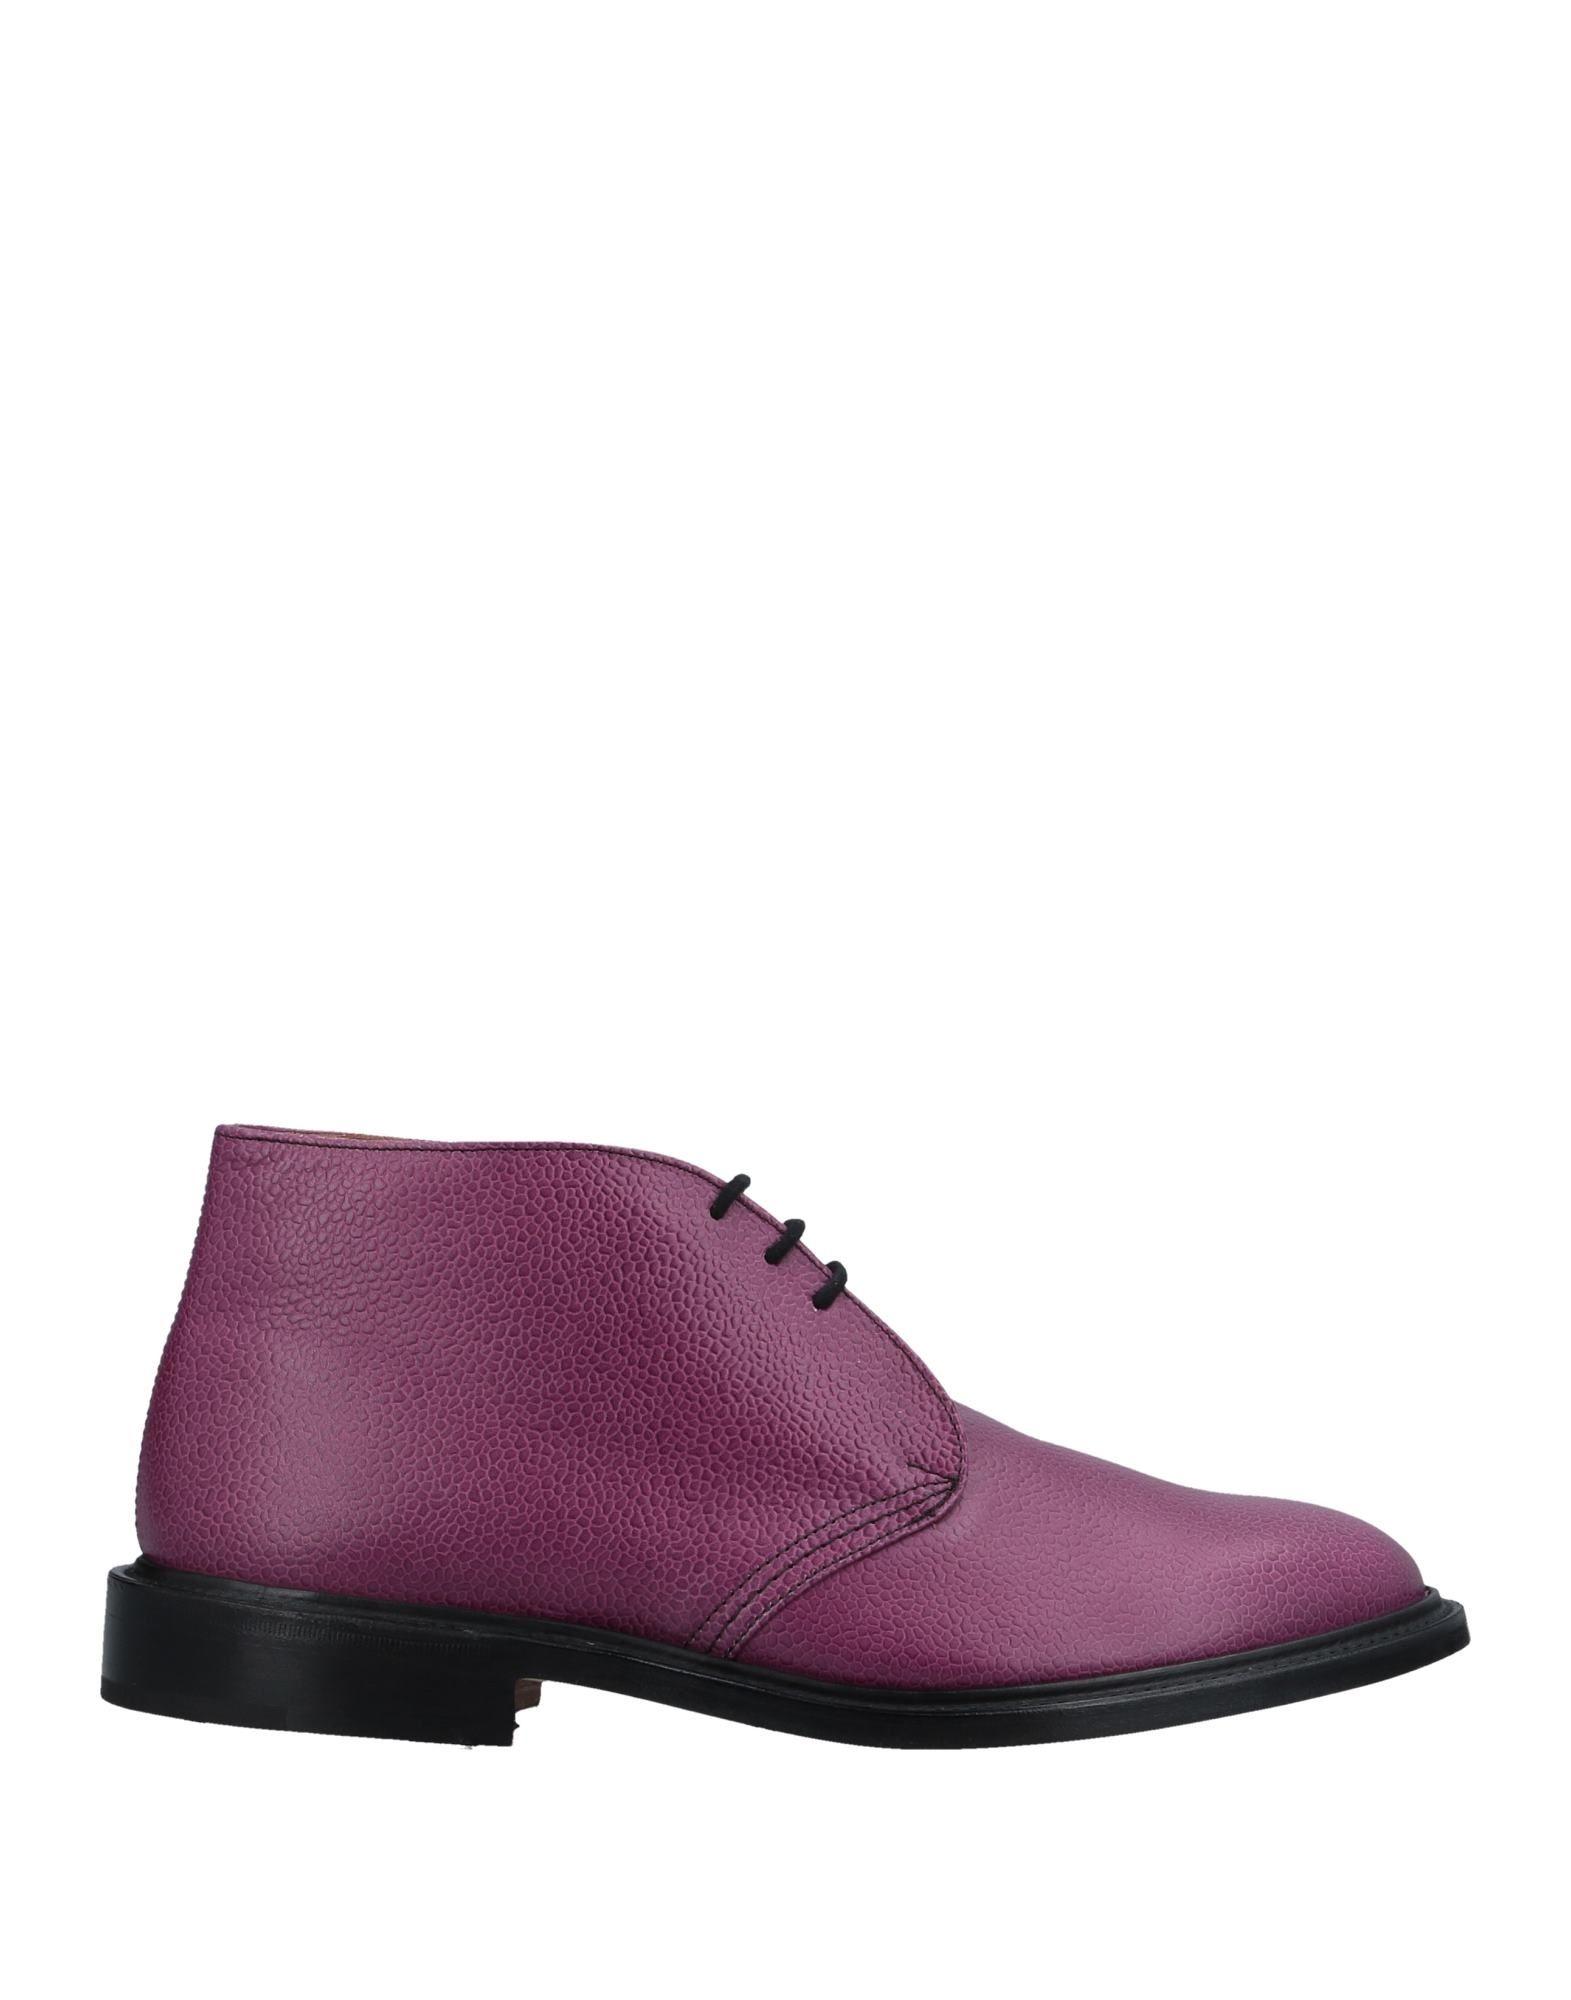 Tricker's Stiefelette Qualität Herren  11511527IS Gute Qualität Stiefelette beliebte Schuhe bb0556